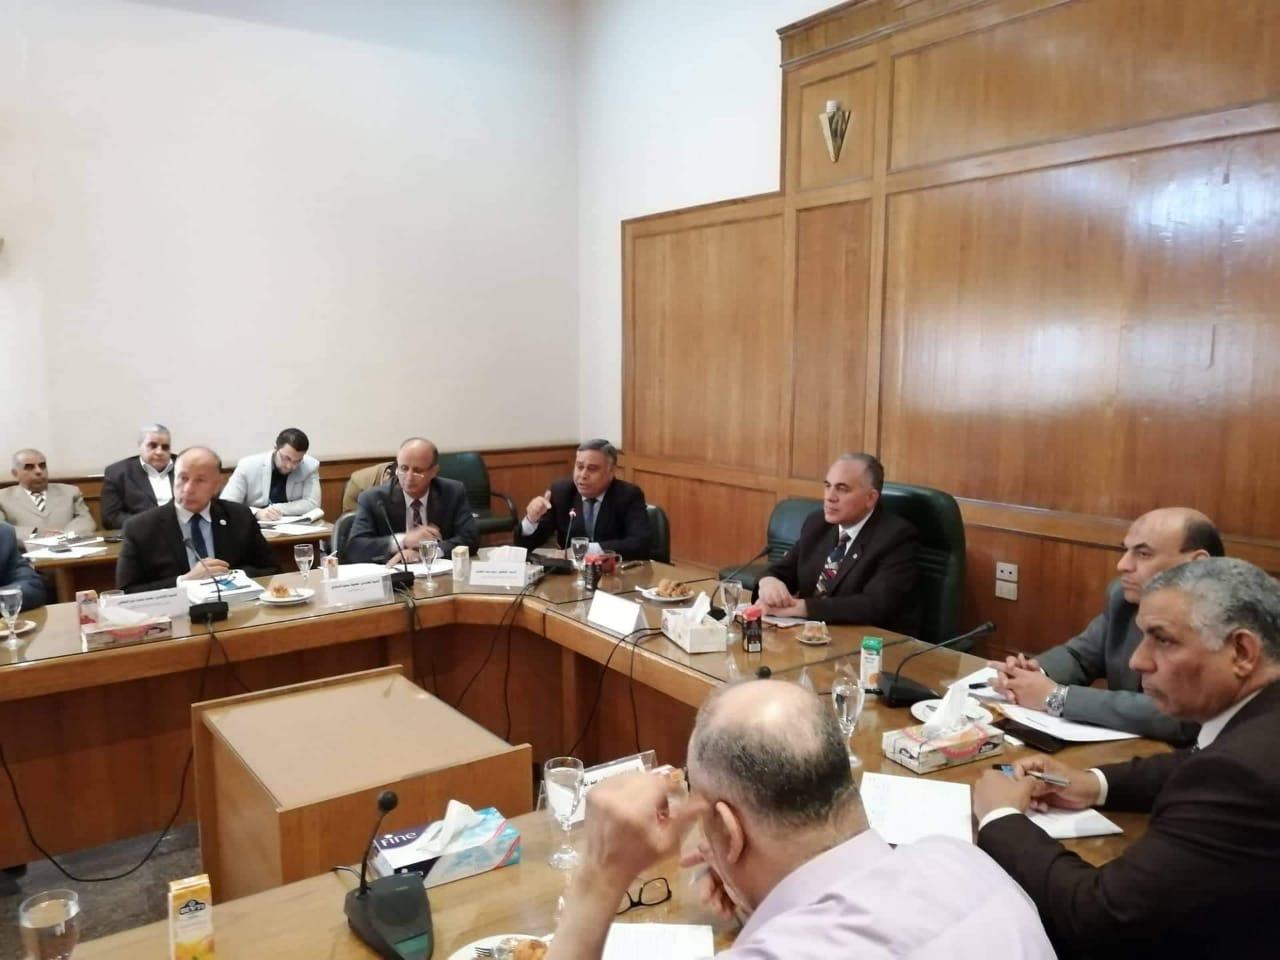 وزير الري يستعرض الموقف المائي والإستعدادات لموسم الزراعي الصيفي